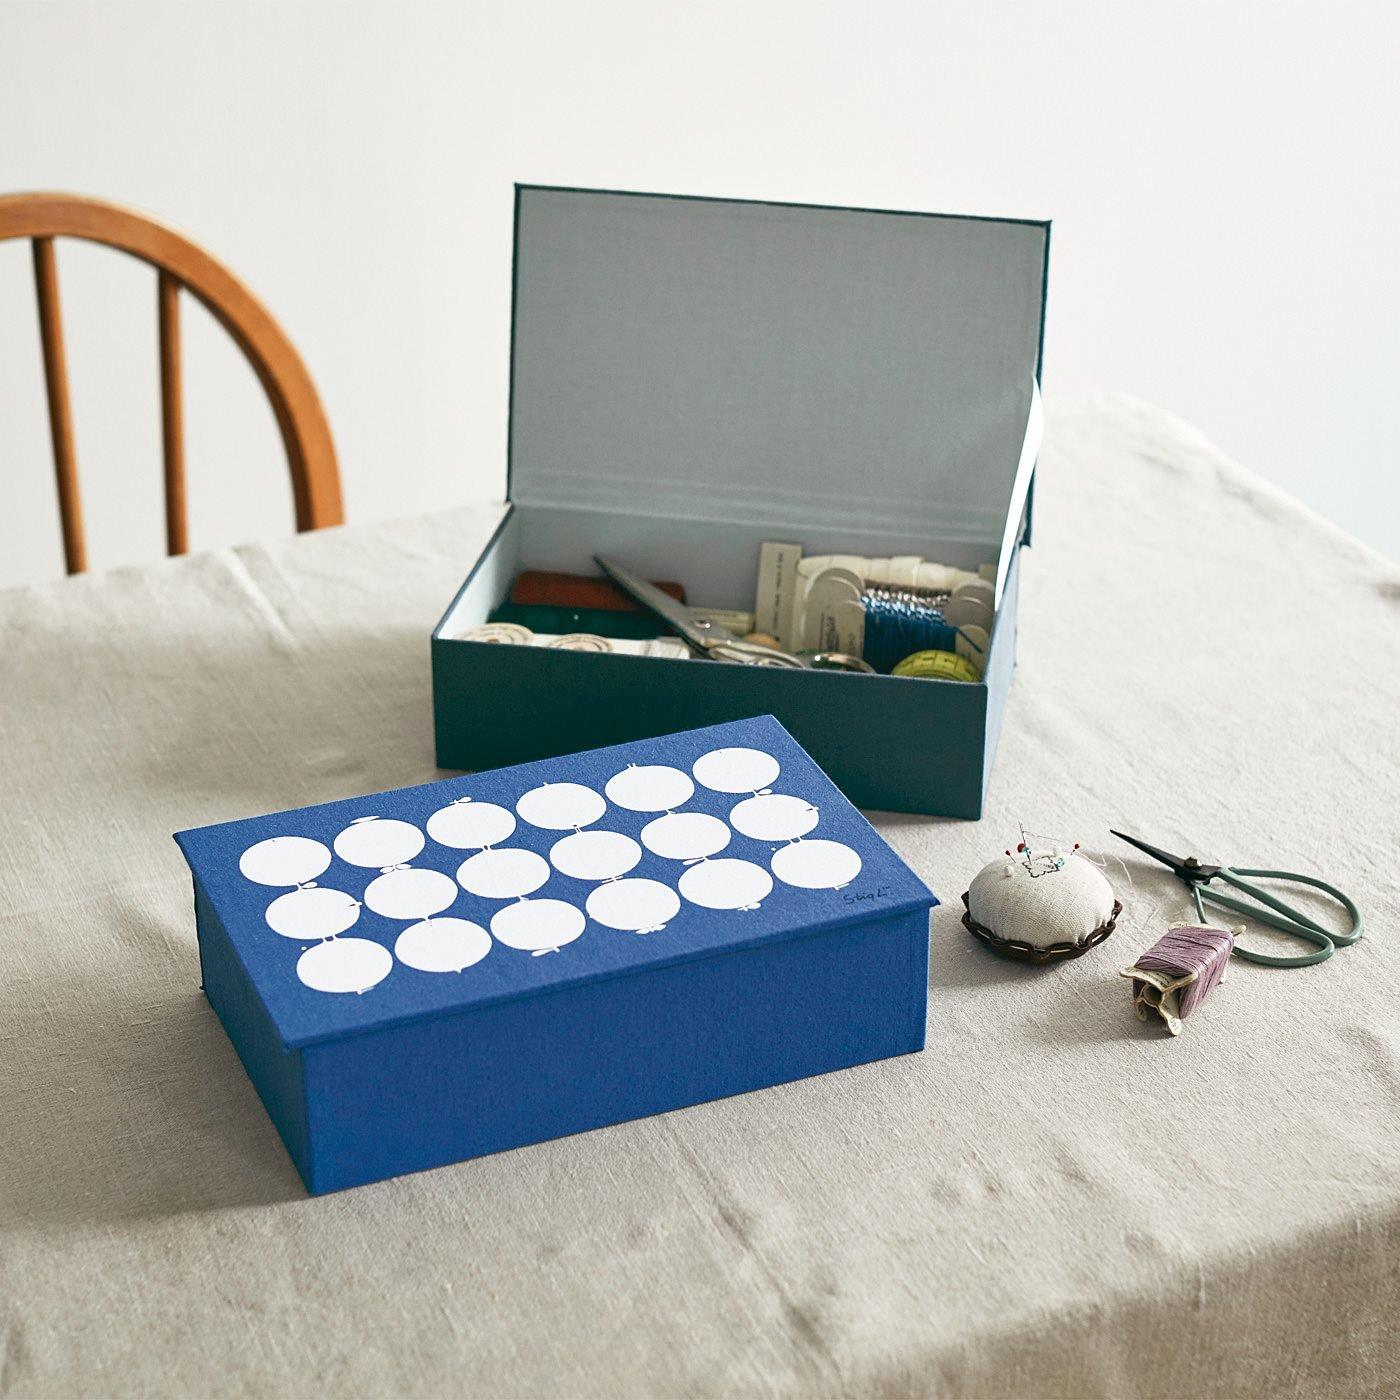 スティグ・リンドベリ 小物を目隠し収納できる テキスタイルで仕立てた道具箱〈タリホー〉の会